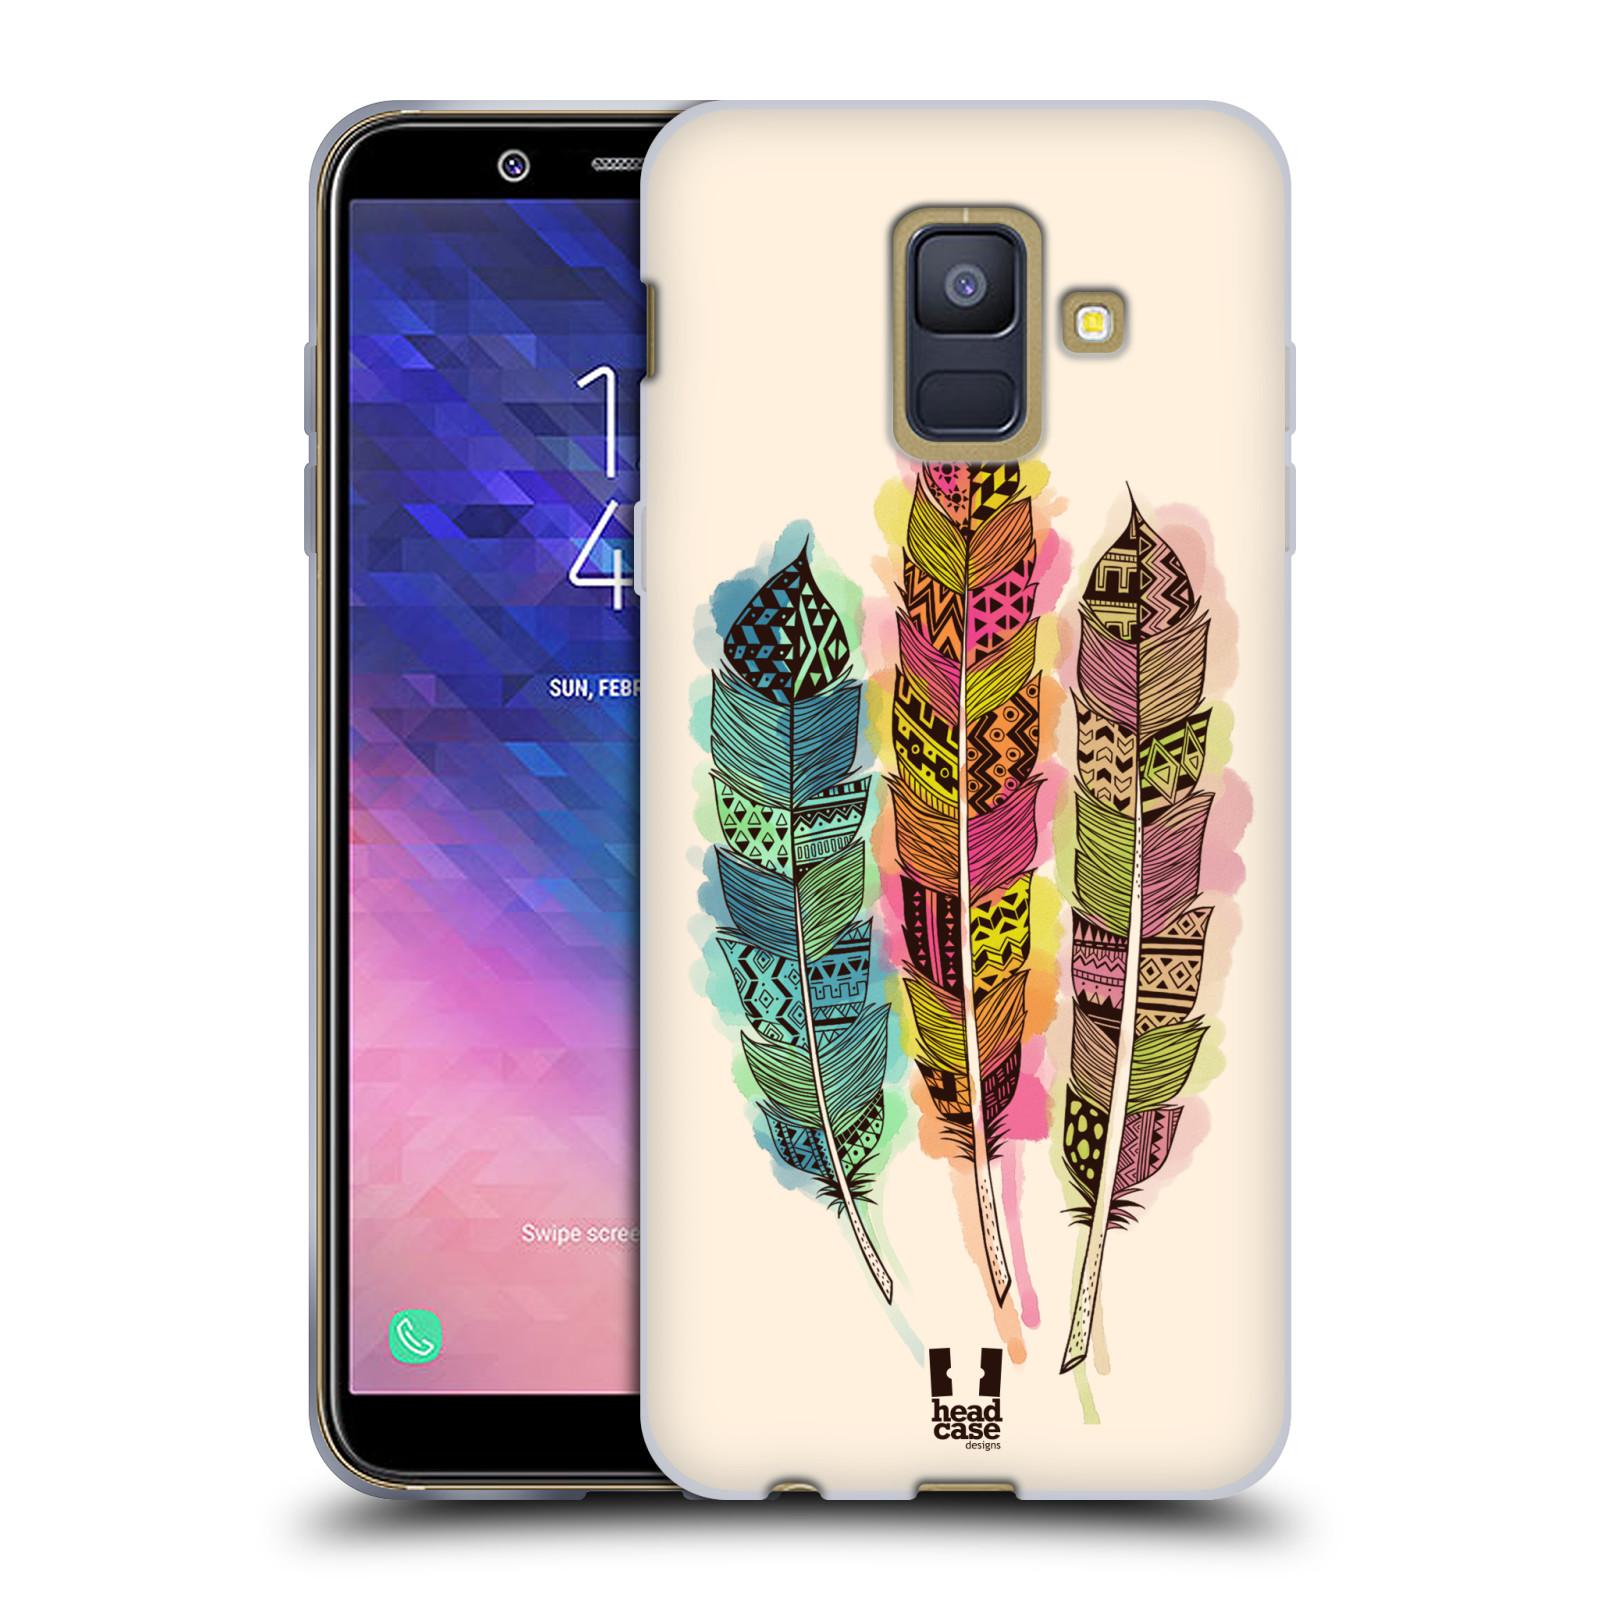 Silikonové pouzdro na mobil Samsung Galaxy A6 (2018) - Head Case - AZTEC PÍRKA SPLASH